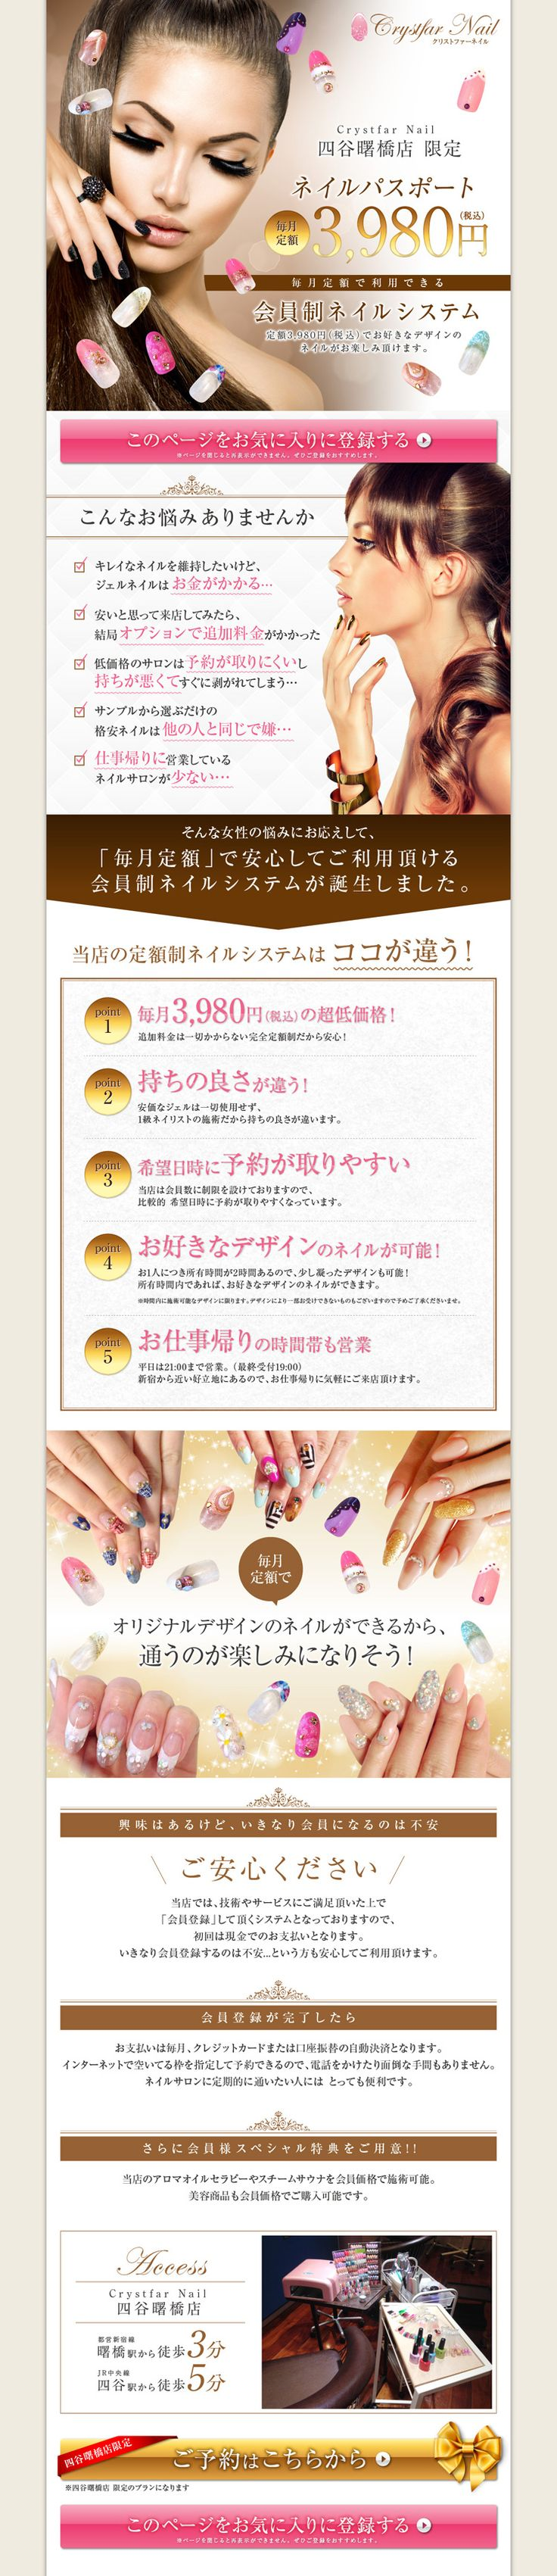 ネイルパスポート   ランディングページ制作 商品ページデザイン 東京・大阪